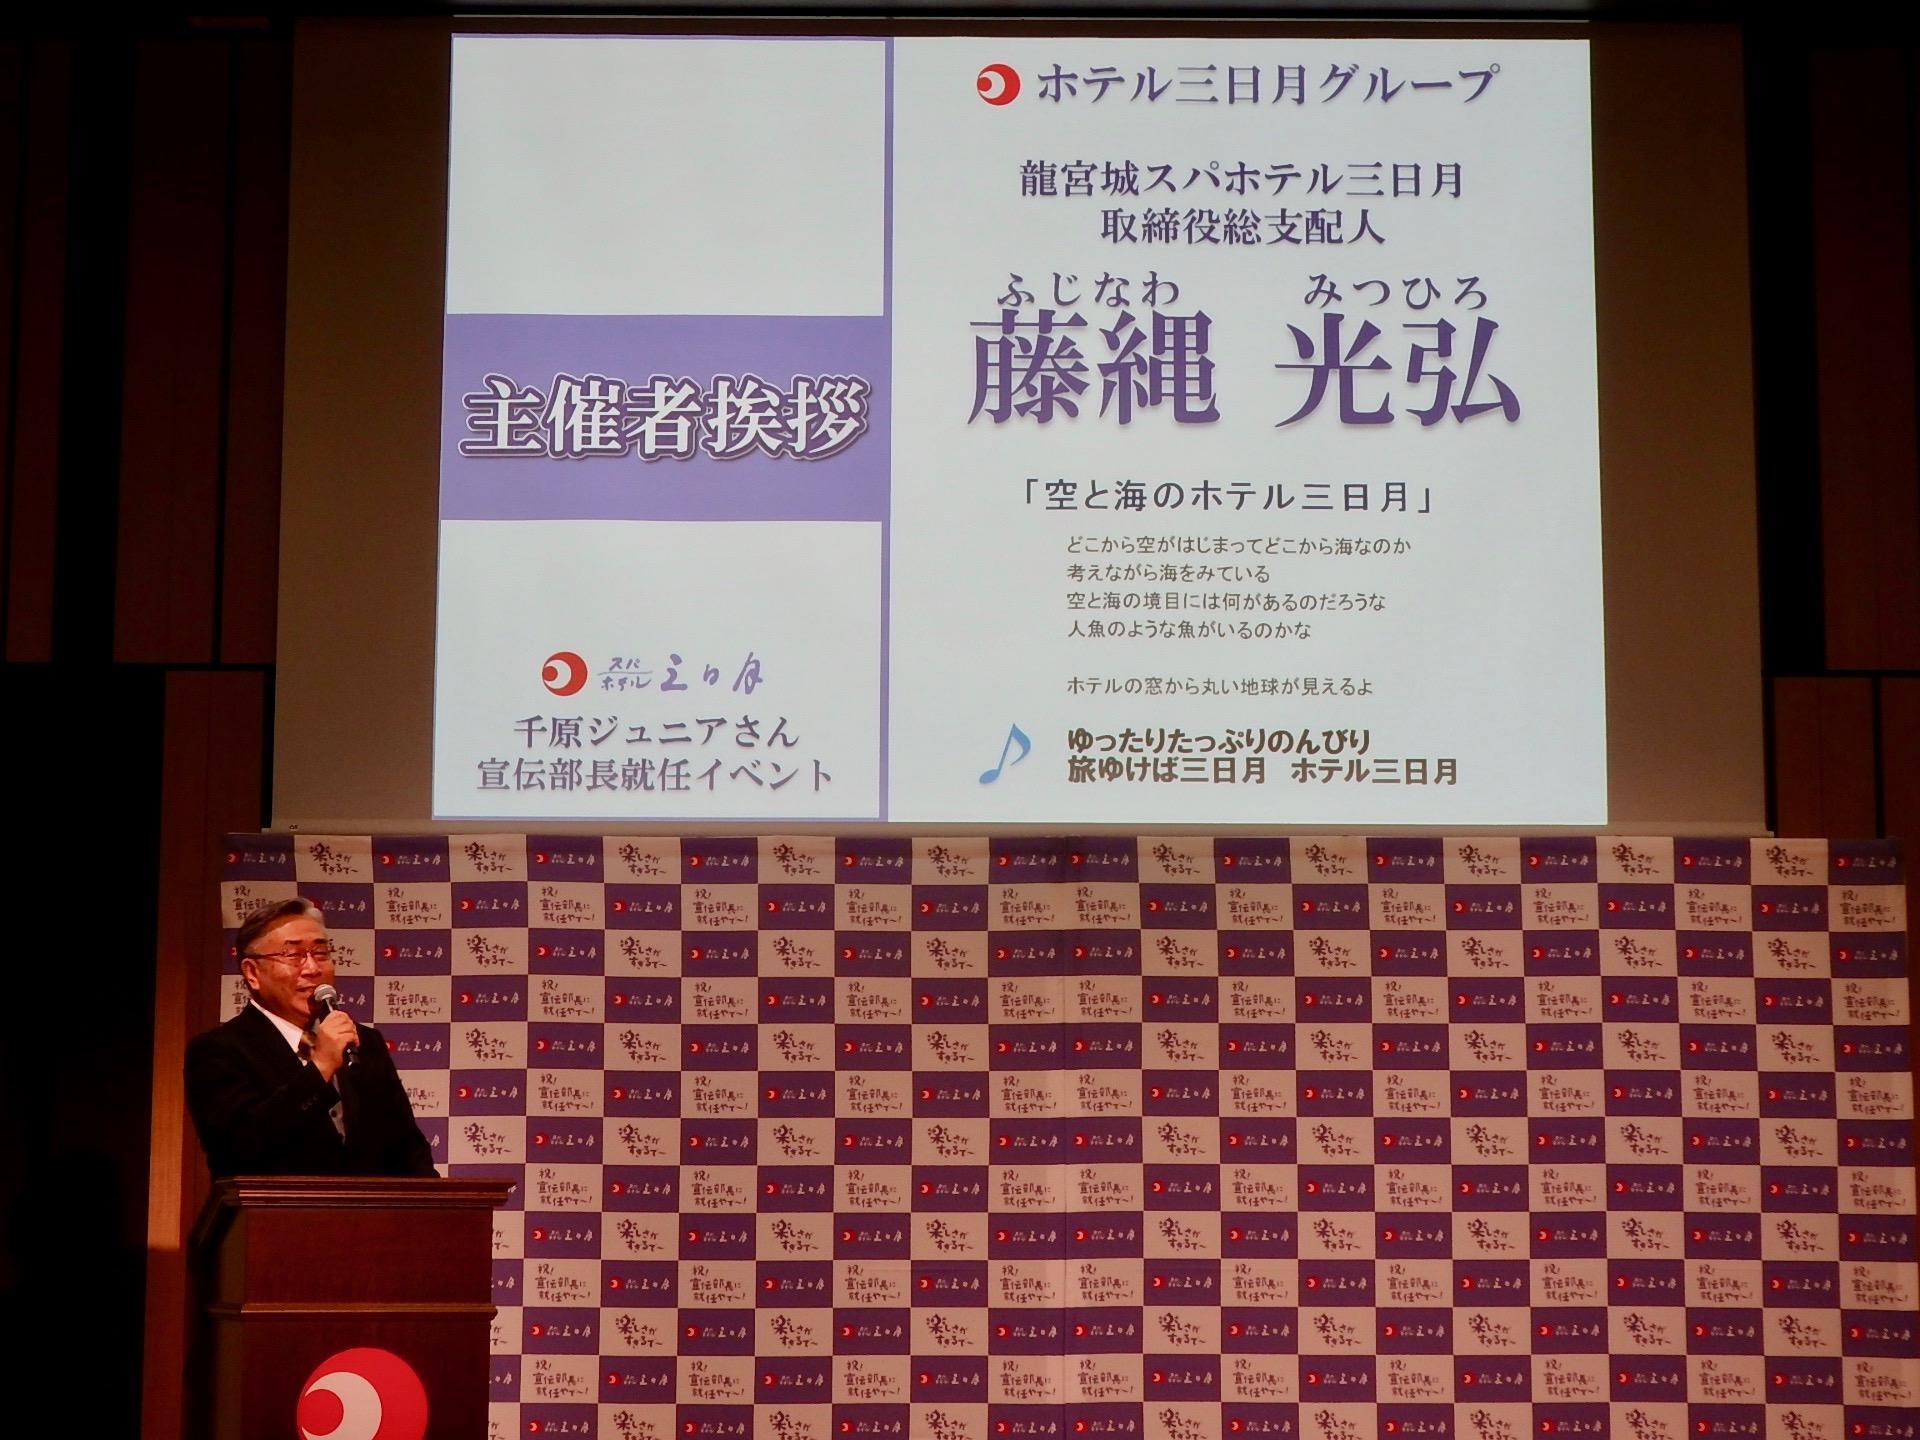 http://news.yoshimoto.co.jp/20180628202248-c465122694518bea38ce6d00f5f8d1c1144228de.jpg